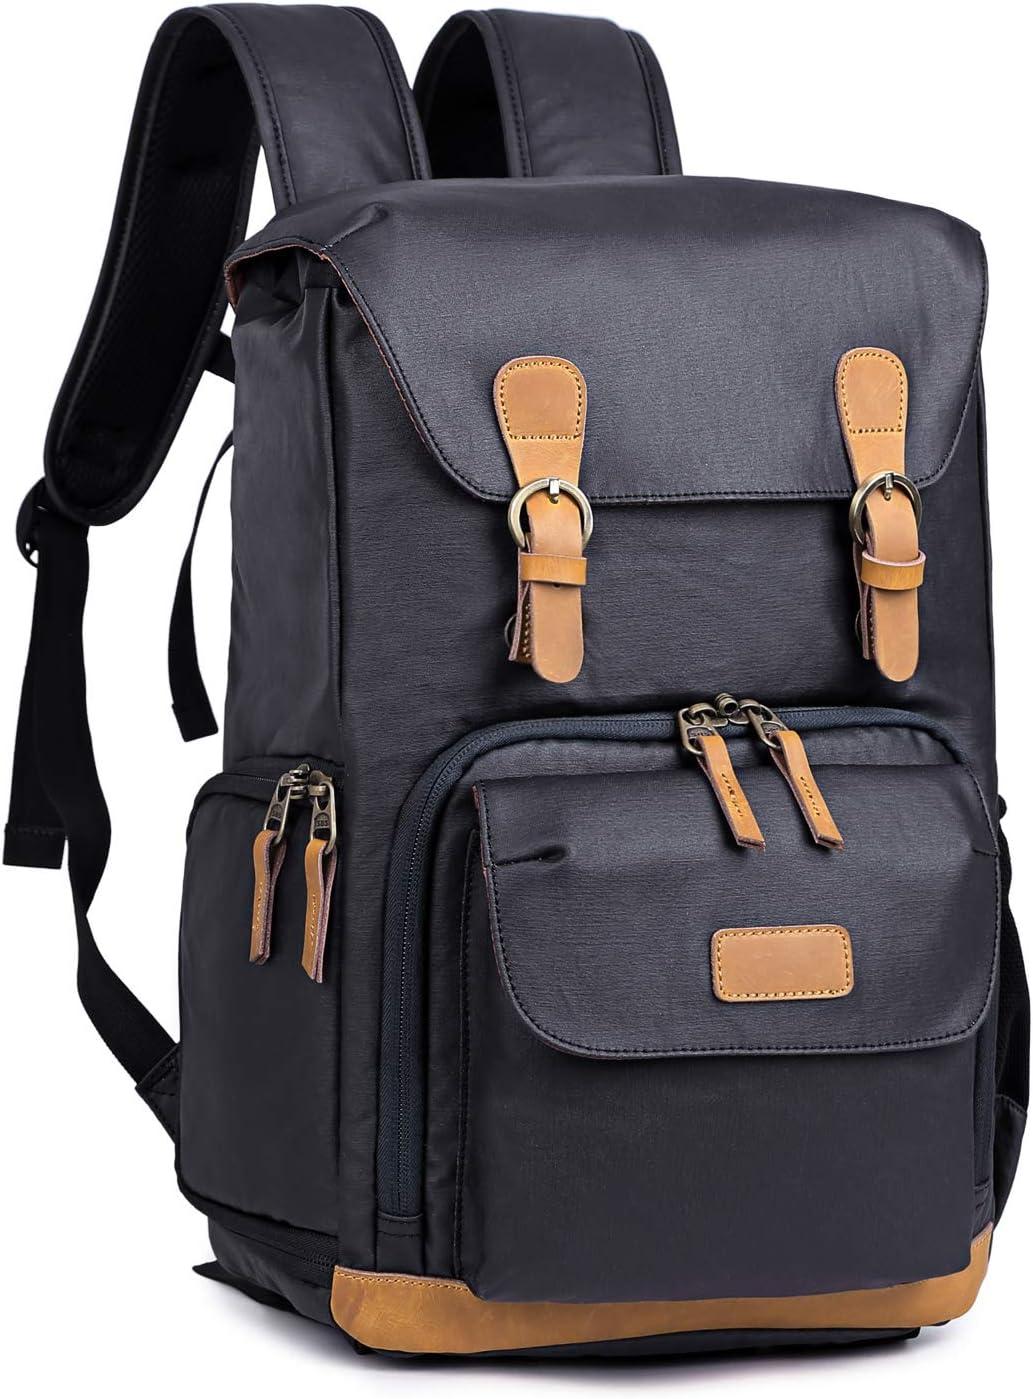 Kattee Camera Backpack Canvas Water-repellent 15 inch Laptop Bag DSLR SLR Backpack for Men Women